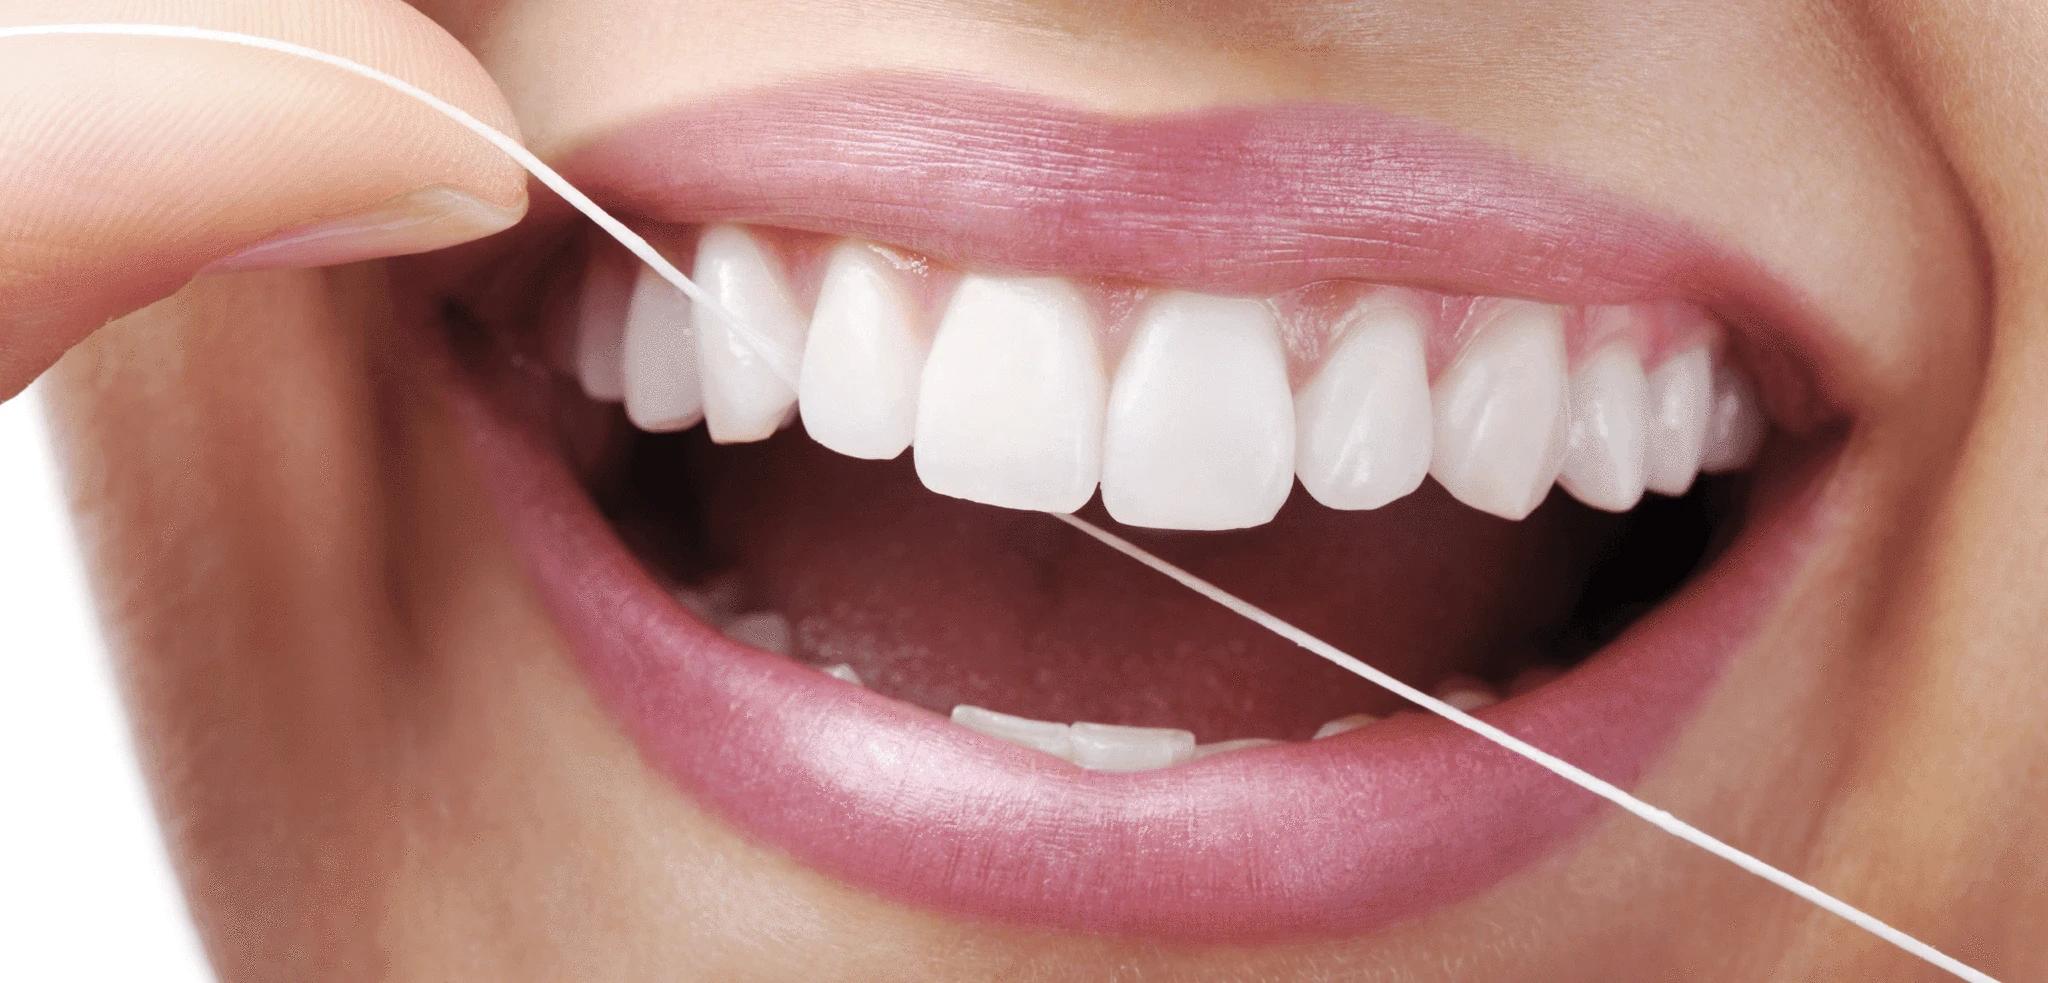 Kako pravilno upotrebljavati zubni konac